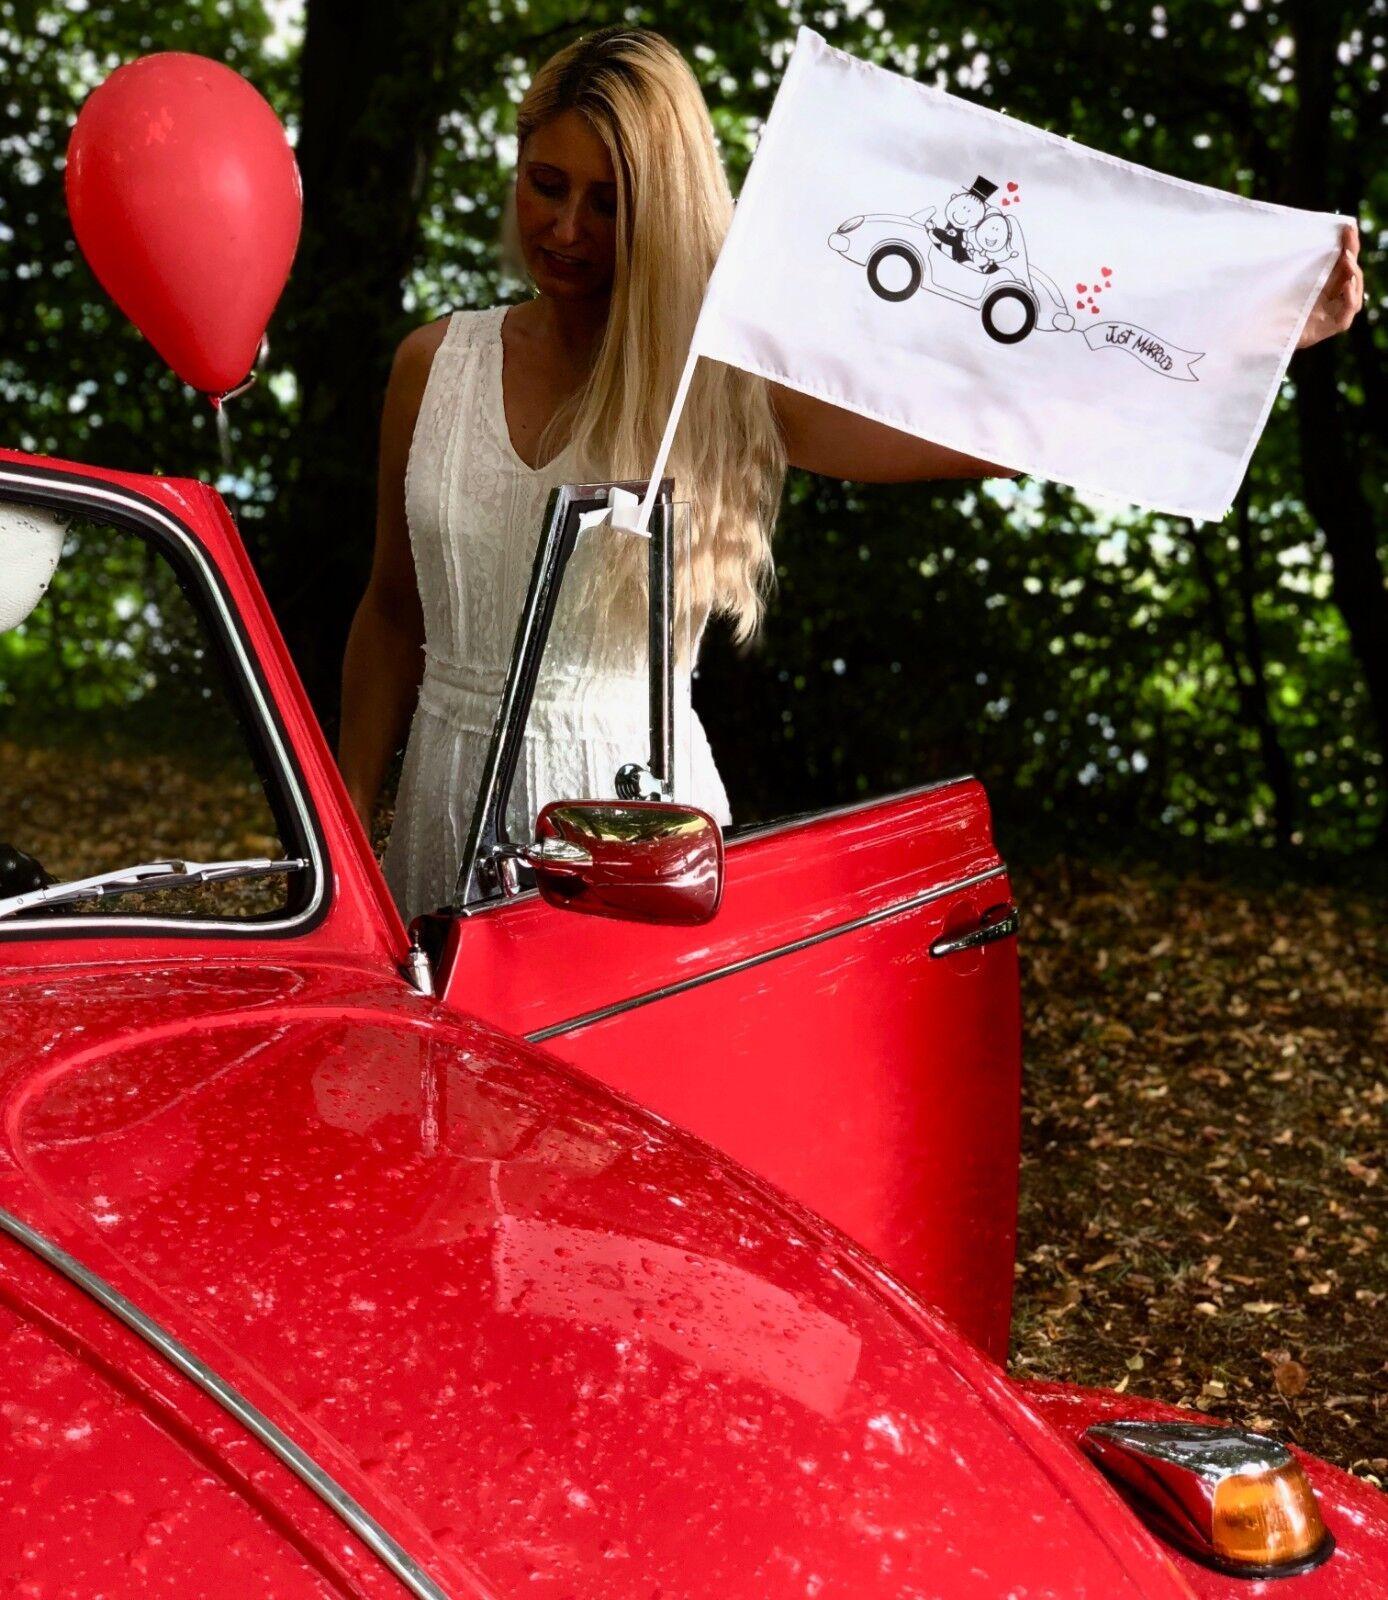 2x,10x, 20x Autoflagge, Autofahne Hochzeit Fahne Autocorso Accessoires Zubehör